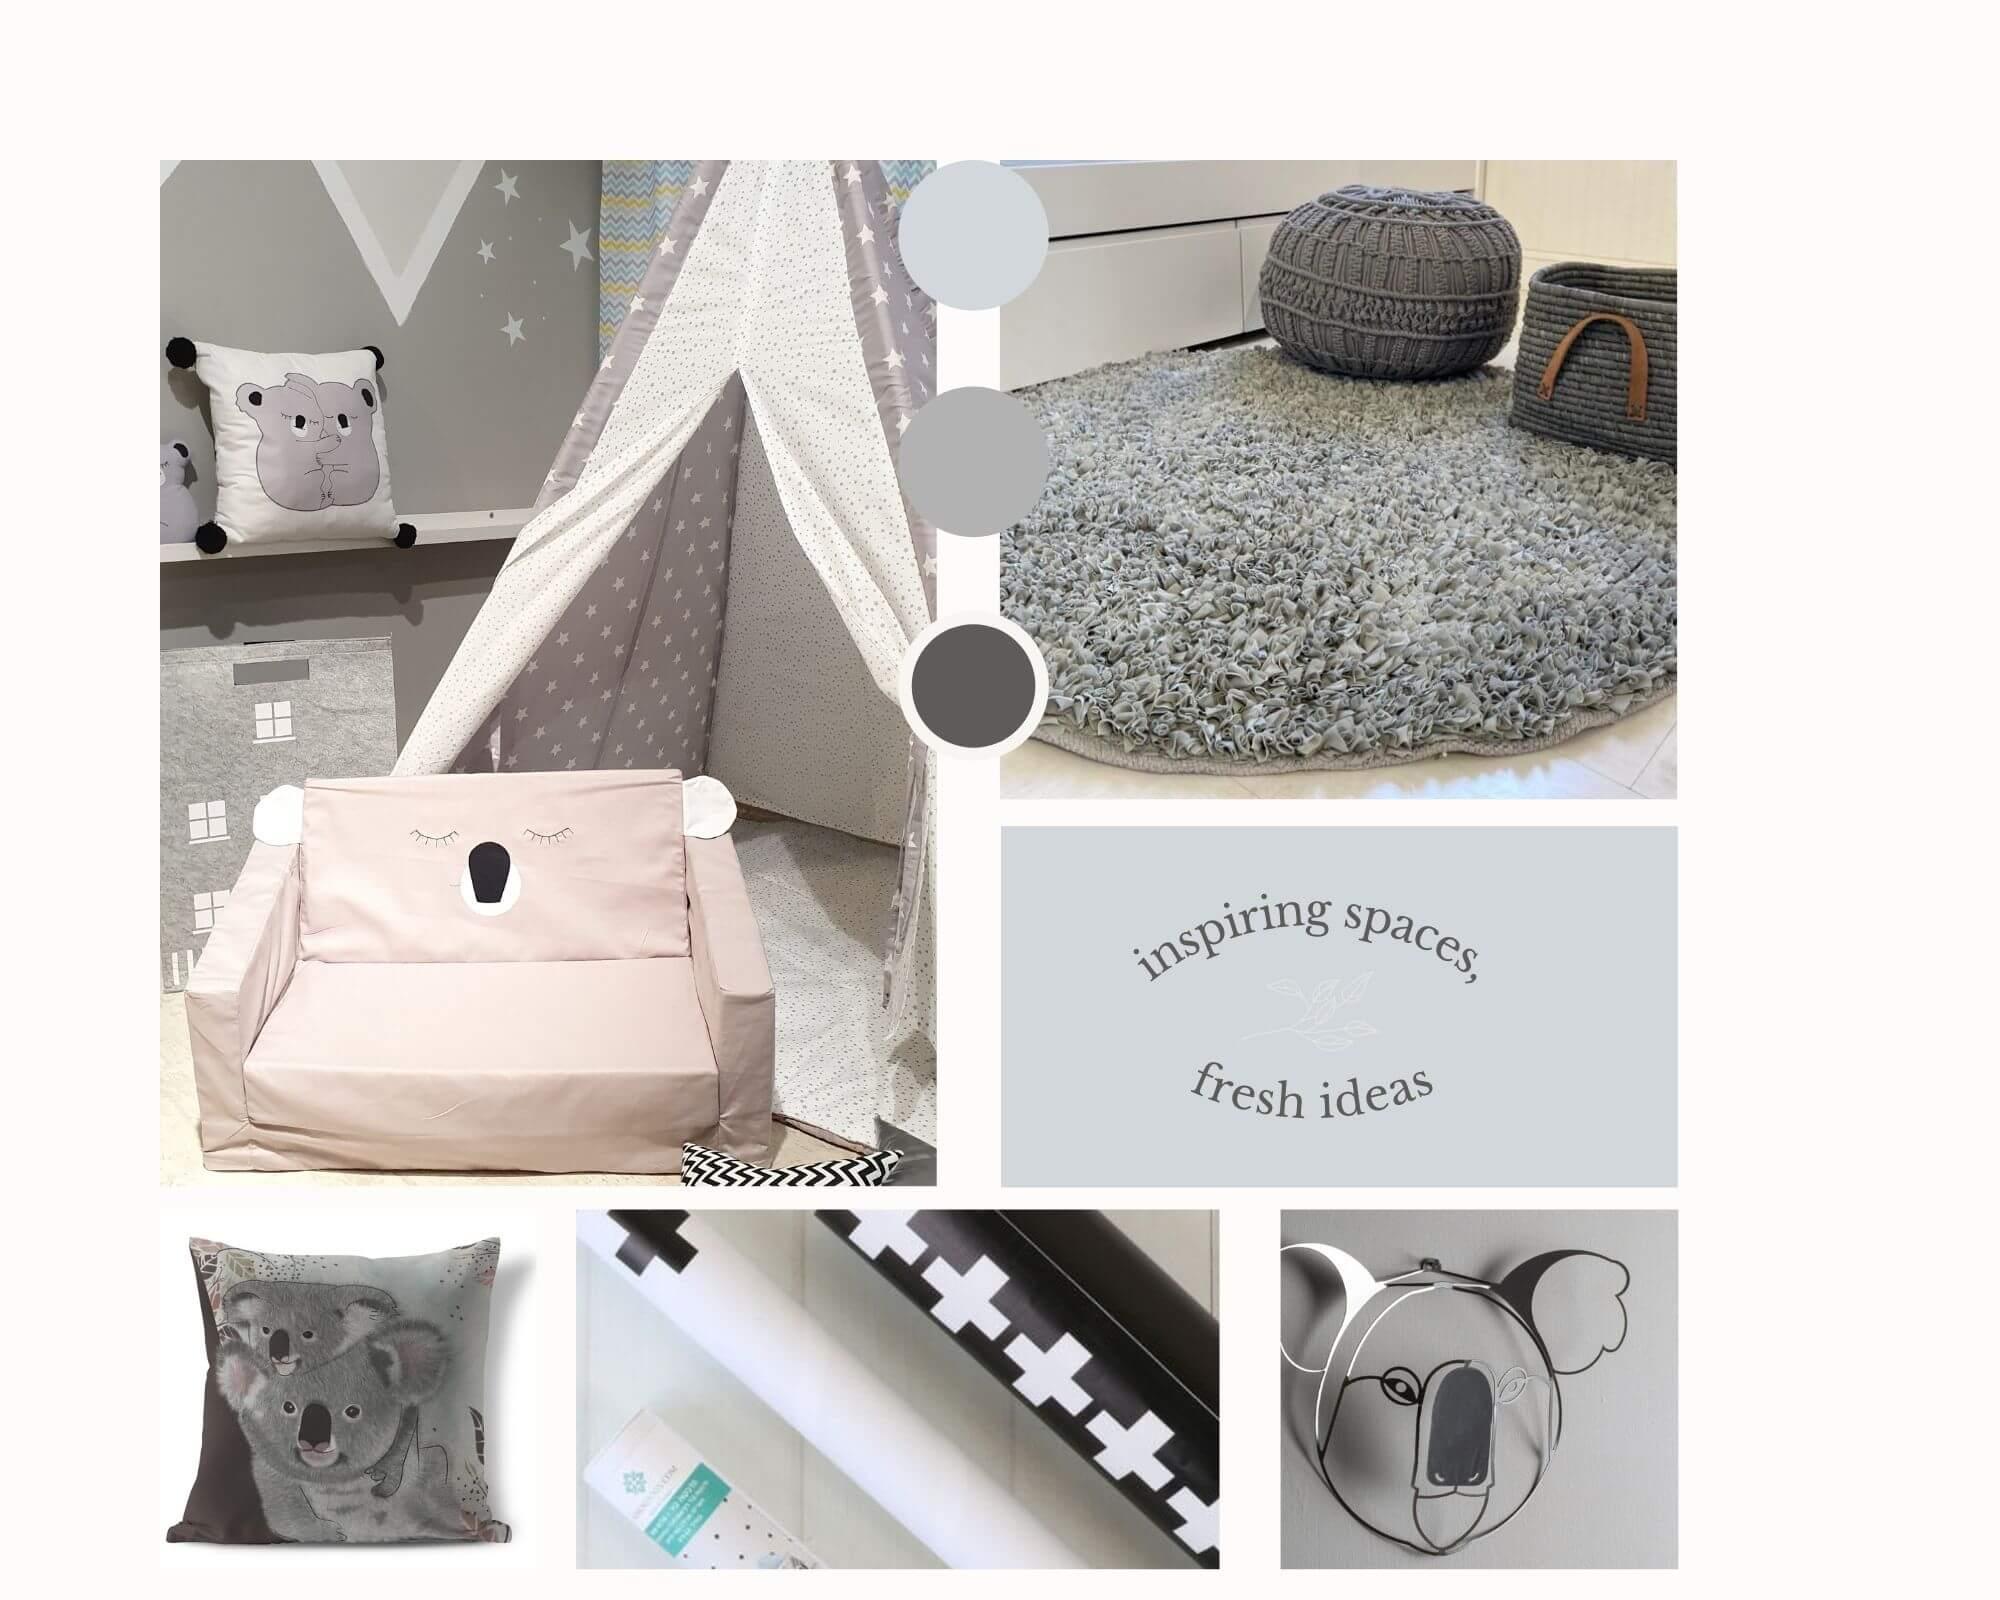 חבילה לעיצוב חדר אפור דגם קוואלה